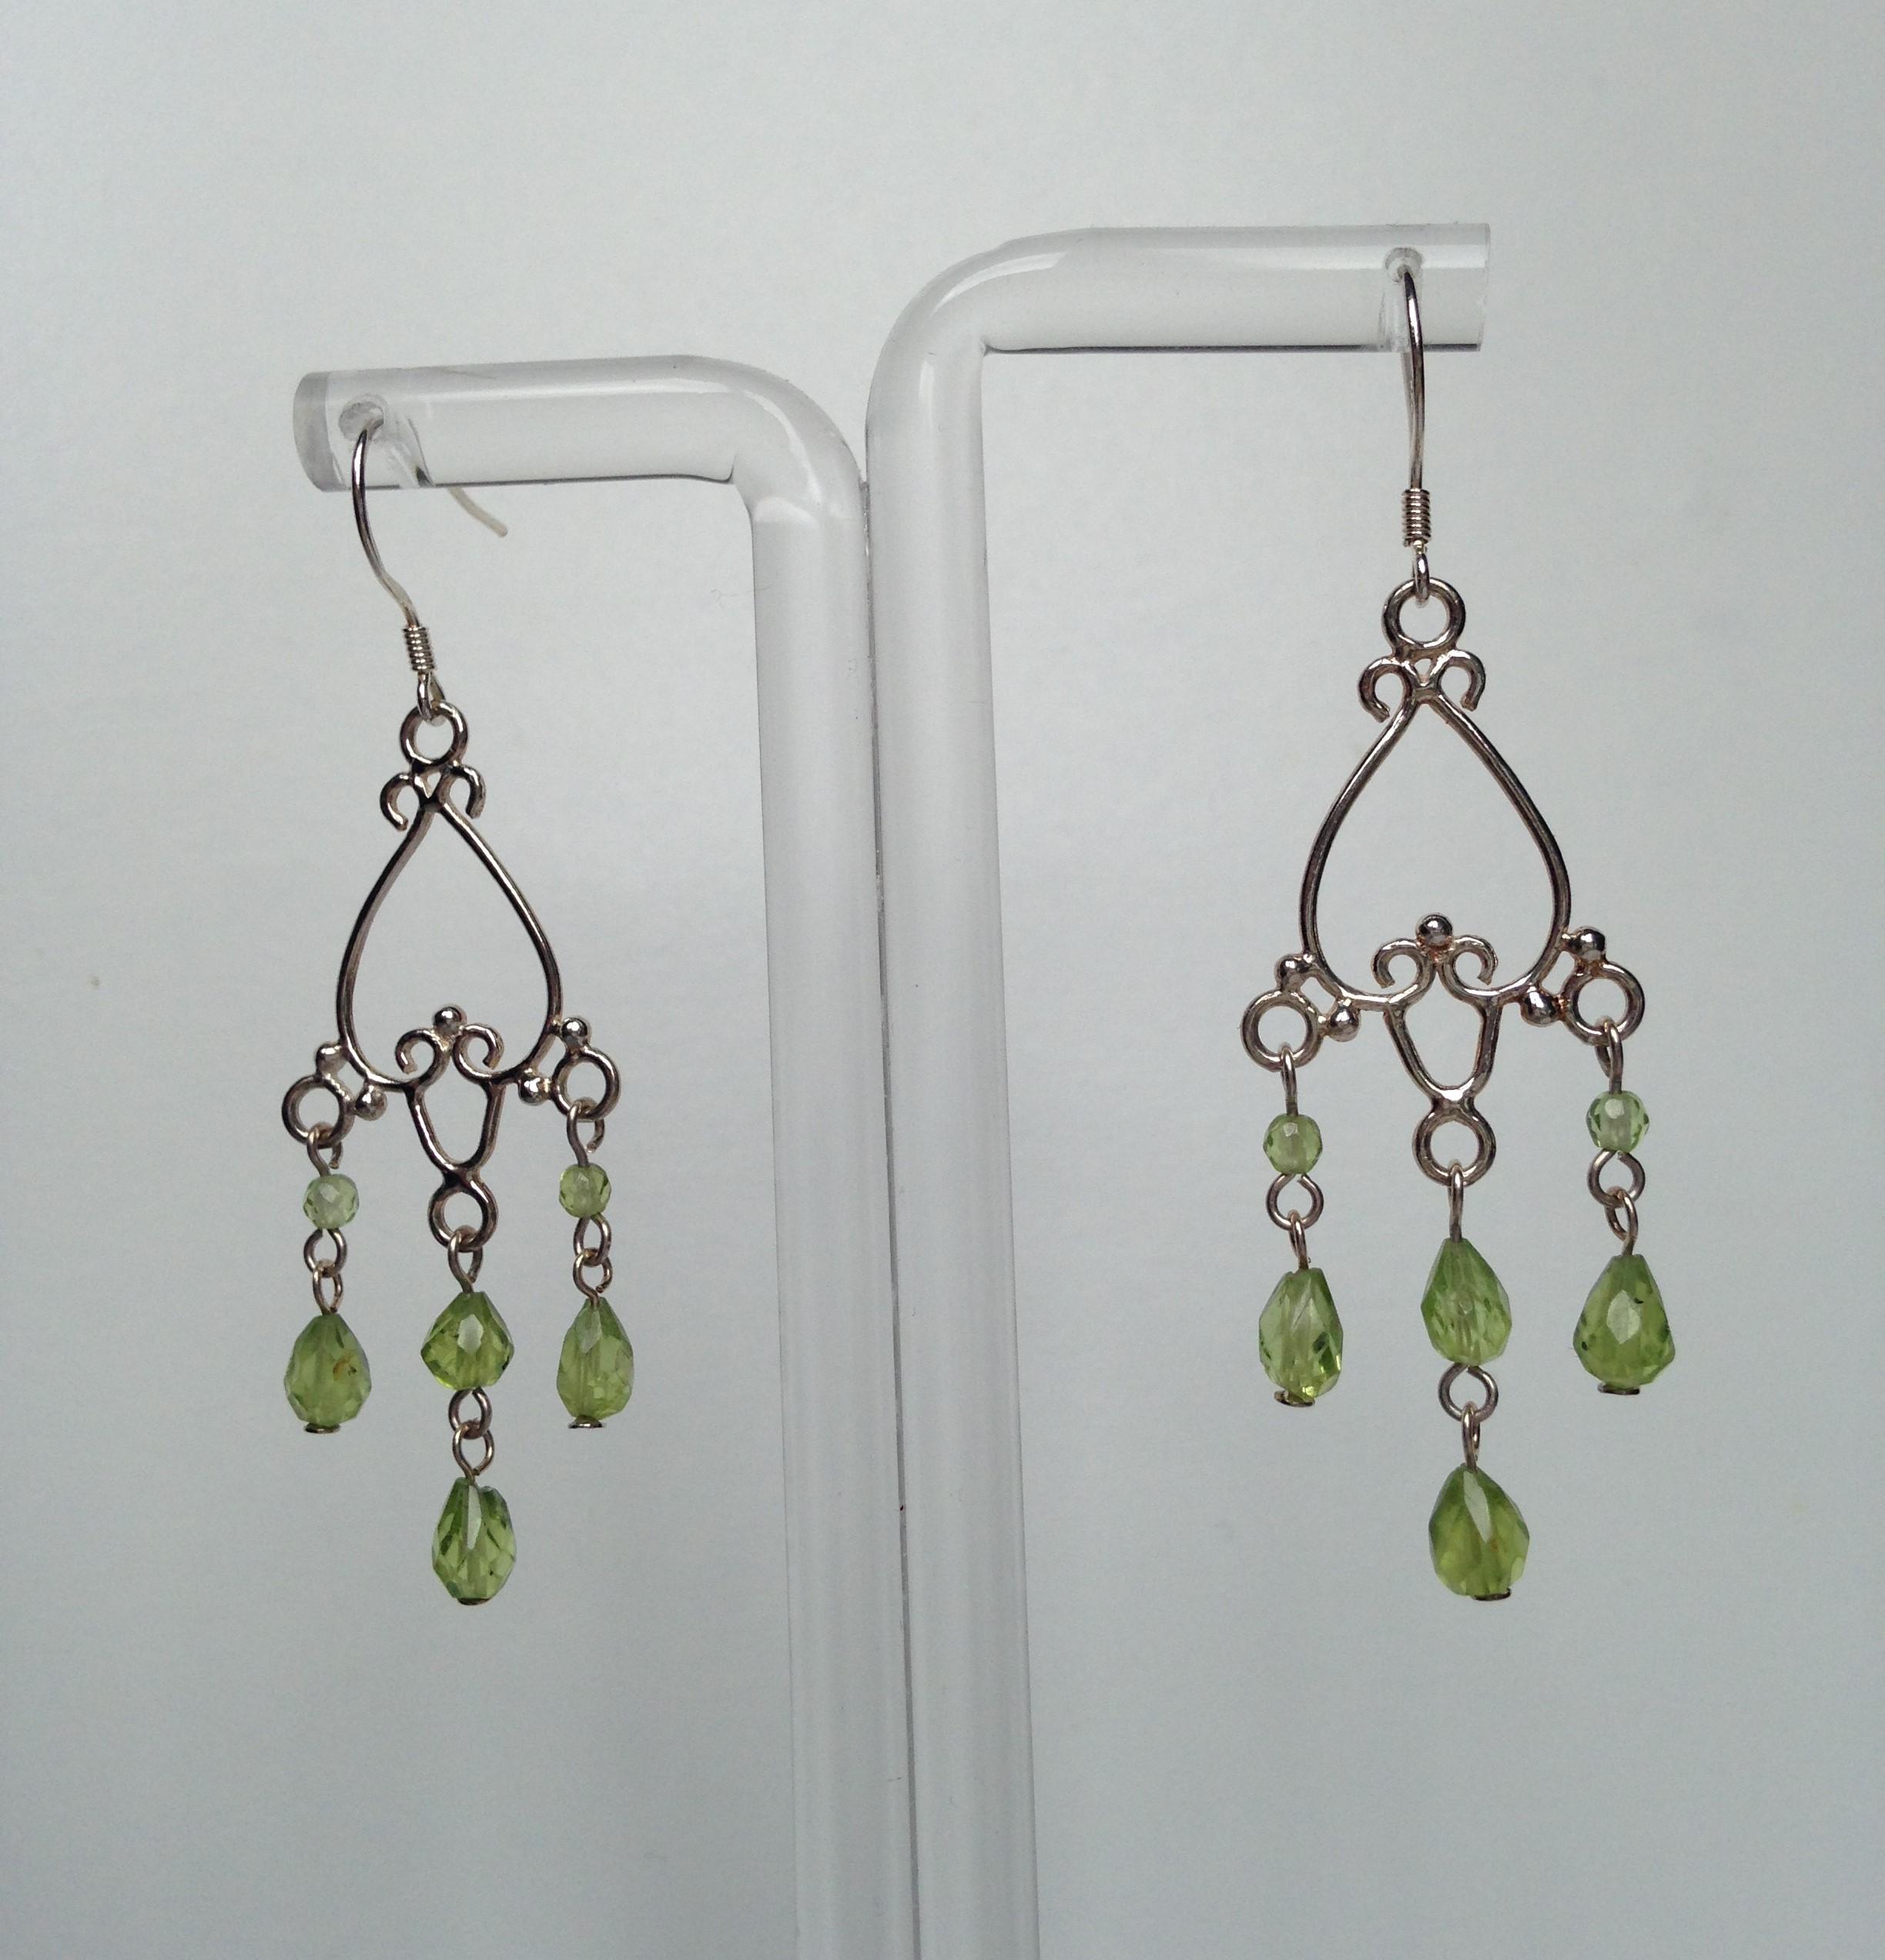 Peridot chandelier earrings made by marianne peridot chandelier earrings mozeypictures Choice Image